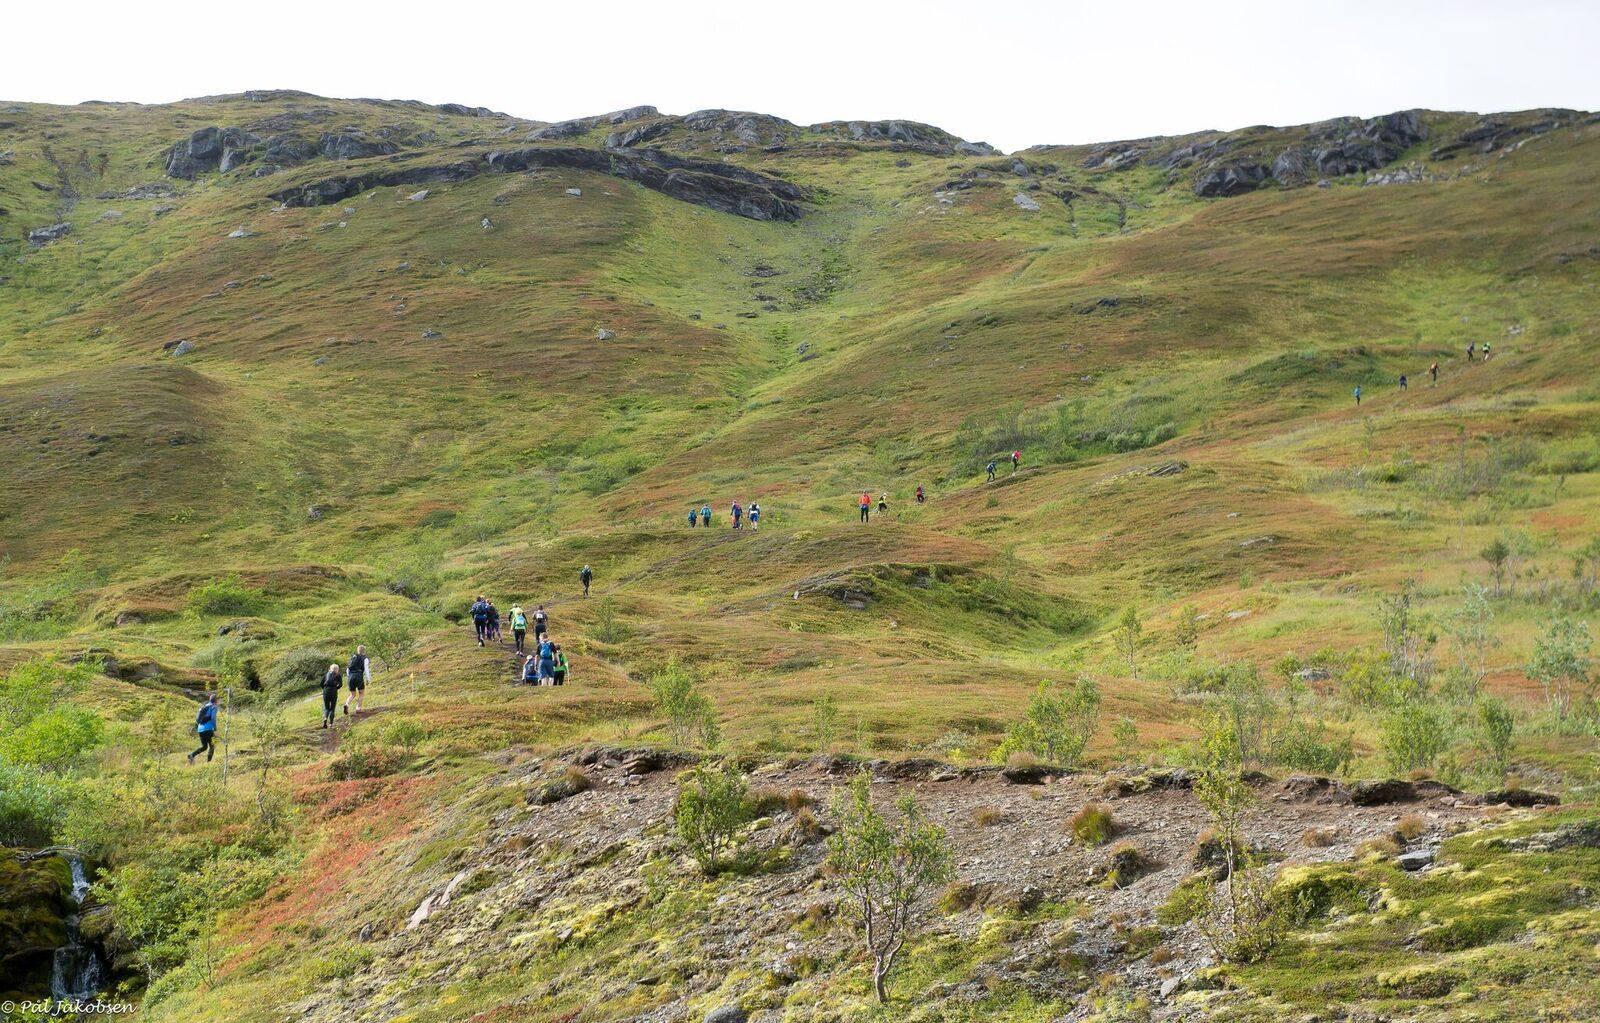 Fantastisk_landskap_Tromsdalen.jpg